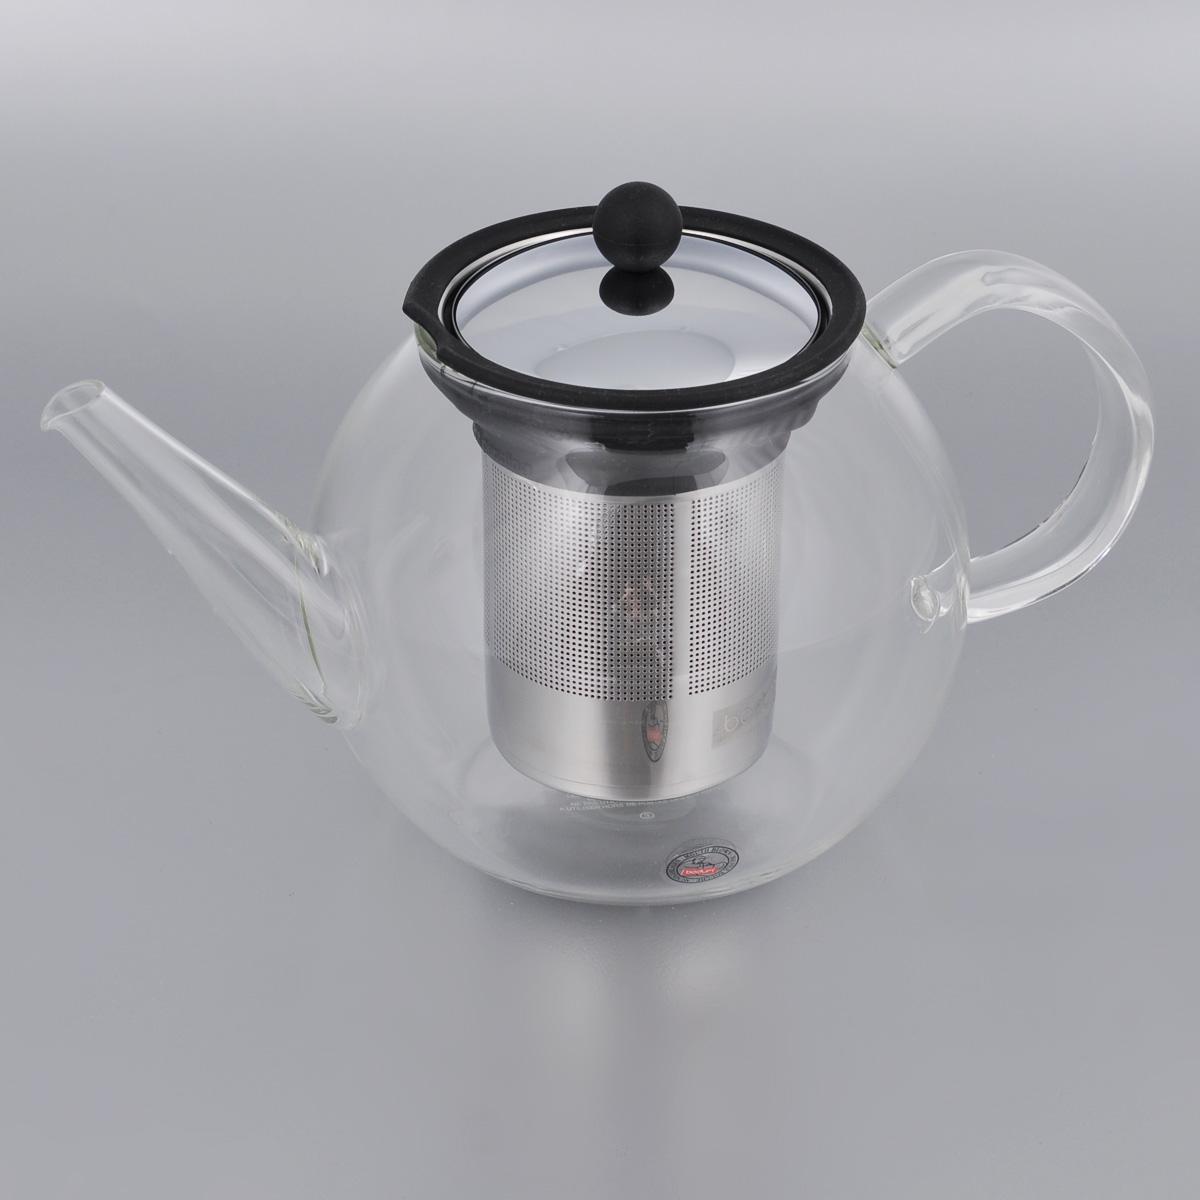 Френч-пресс Bodum Shin Cha, 1 л1803-16Френч-пресс Bodum Shin Cha выполнен из термостойкого стекла. Чайник оснащен фильтром-сеткой и прессом, выполненными из нержавеющей стали. Засыпая чайную заварку в фильтр-сетку и заливая ее горячей водой, вы получаете ароматный чай с оптимальной крепостью и насыщенностью. Остановить процесс заварки чая легко. Для этого нужно просто опустить поршень, и заварка уйдет вниз, оставляя вверху напиток, готовый к употреблению. Френч-пресс Bodum Shin Cha займет достойное место на вашей кухне и позволит вам заварить свежий, ароматный чай.Диаметр (по верхнему краю): 9 см.Высота (без учета крышки): 12,5 см.